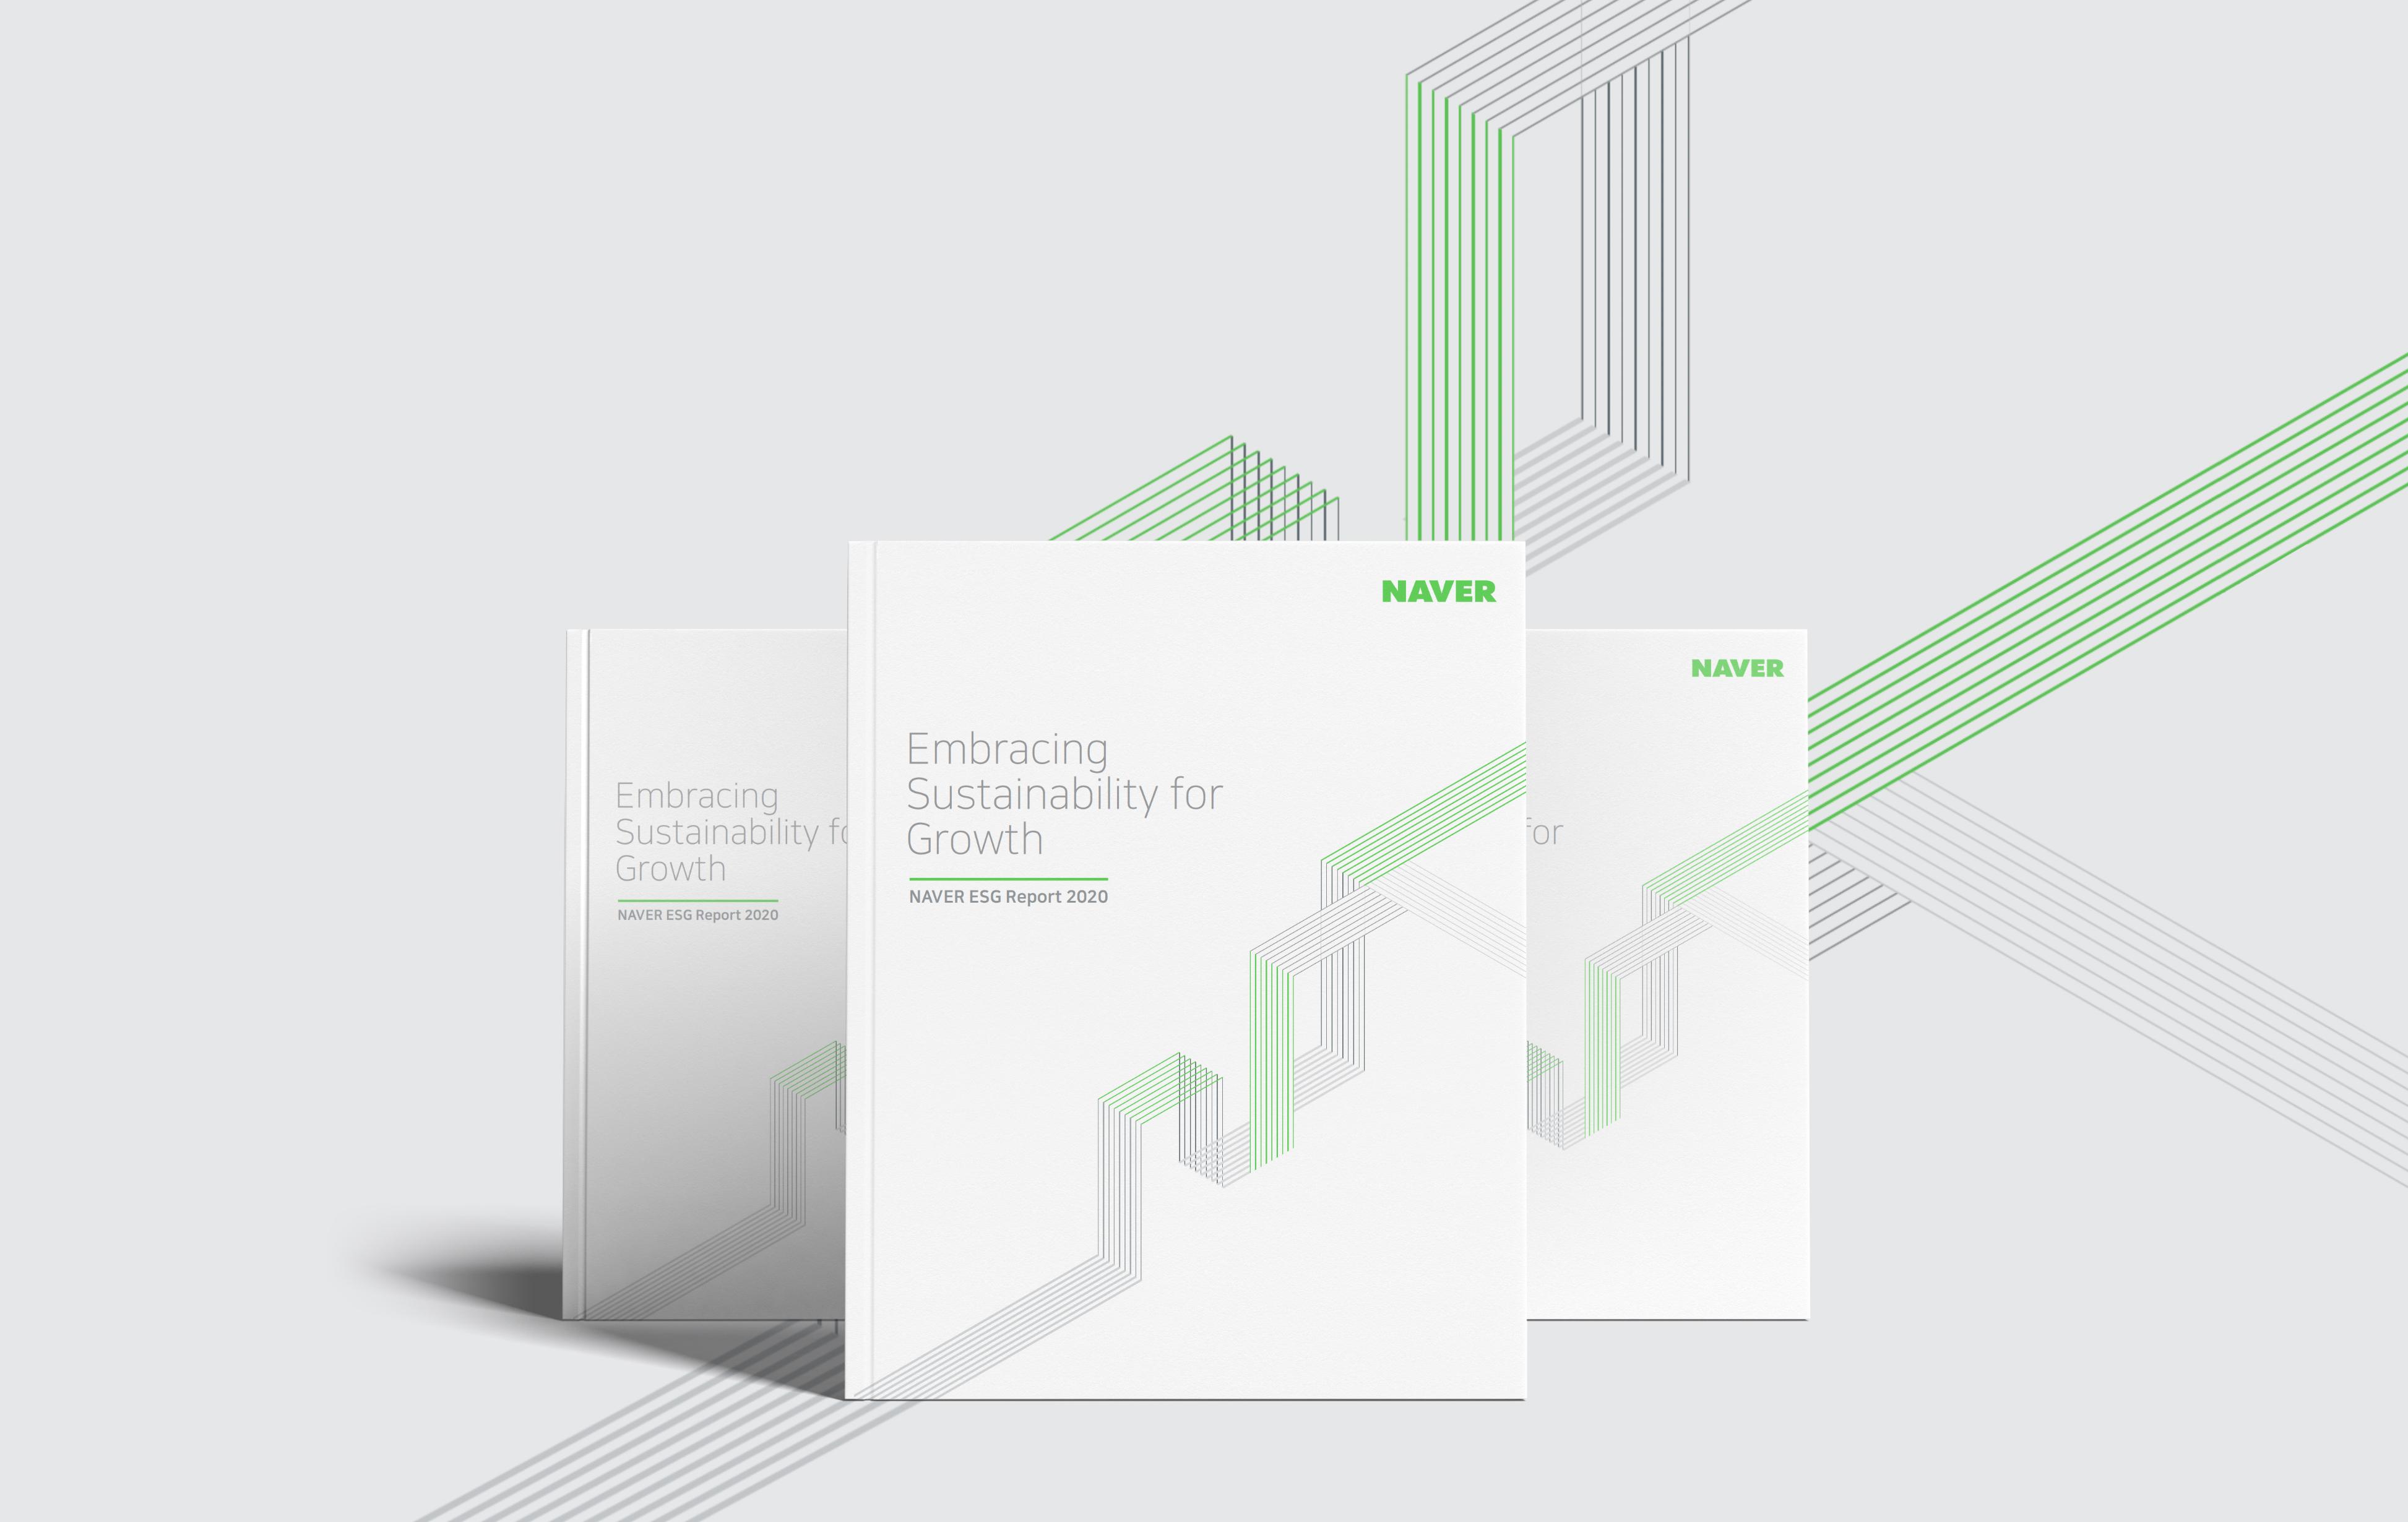 네이버, ESG보고서·연차보고서 글로벌 경연대회LACP Vision, ARC수상